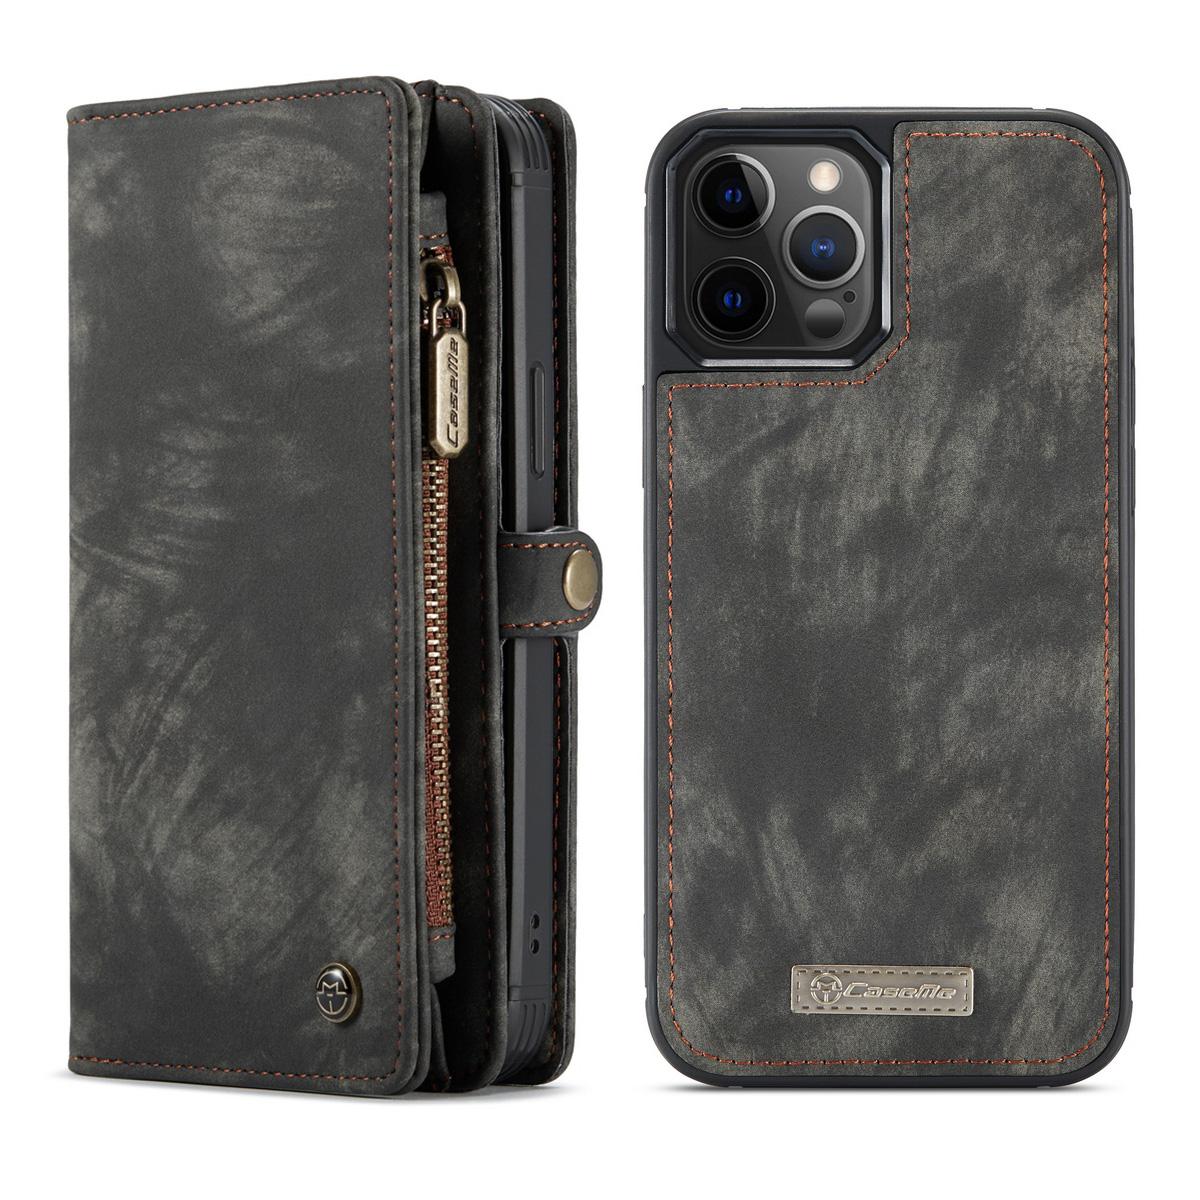 CaseMe 008 Series läderfodral, iPhone 12 Pro Max, svart